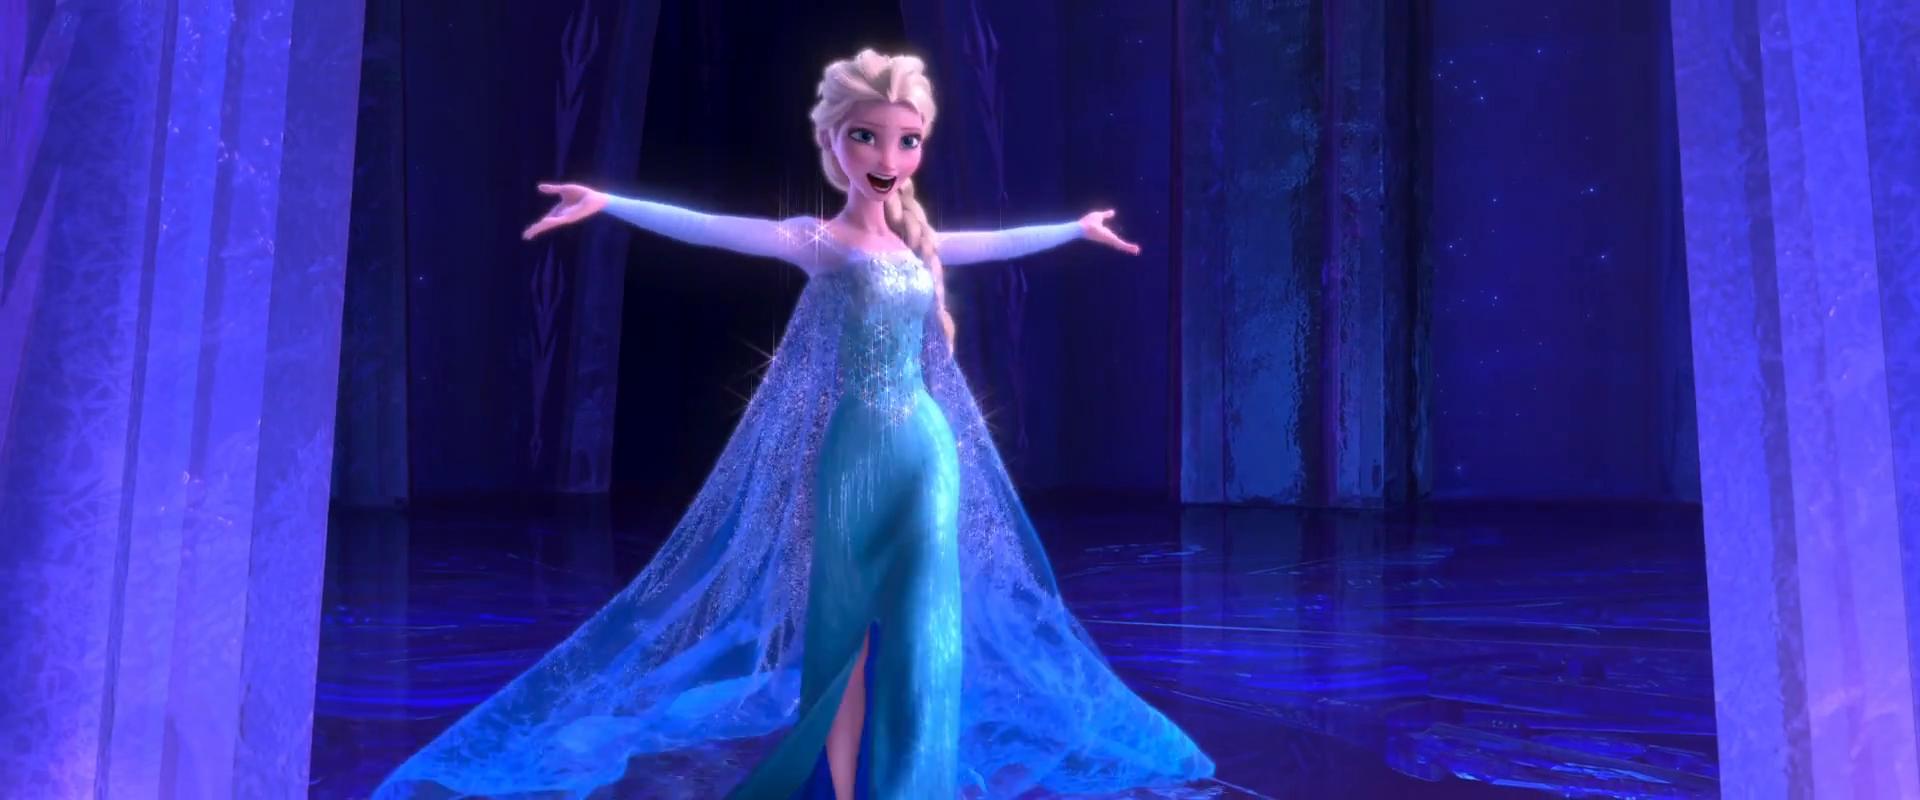 Film d'animation La Reine des Neiges de Walt Disney (Ne la laisse pas tomber, elle est si fragile, être une femme libérée, tu sais c'est pas si facile...)